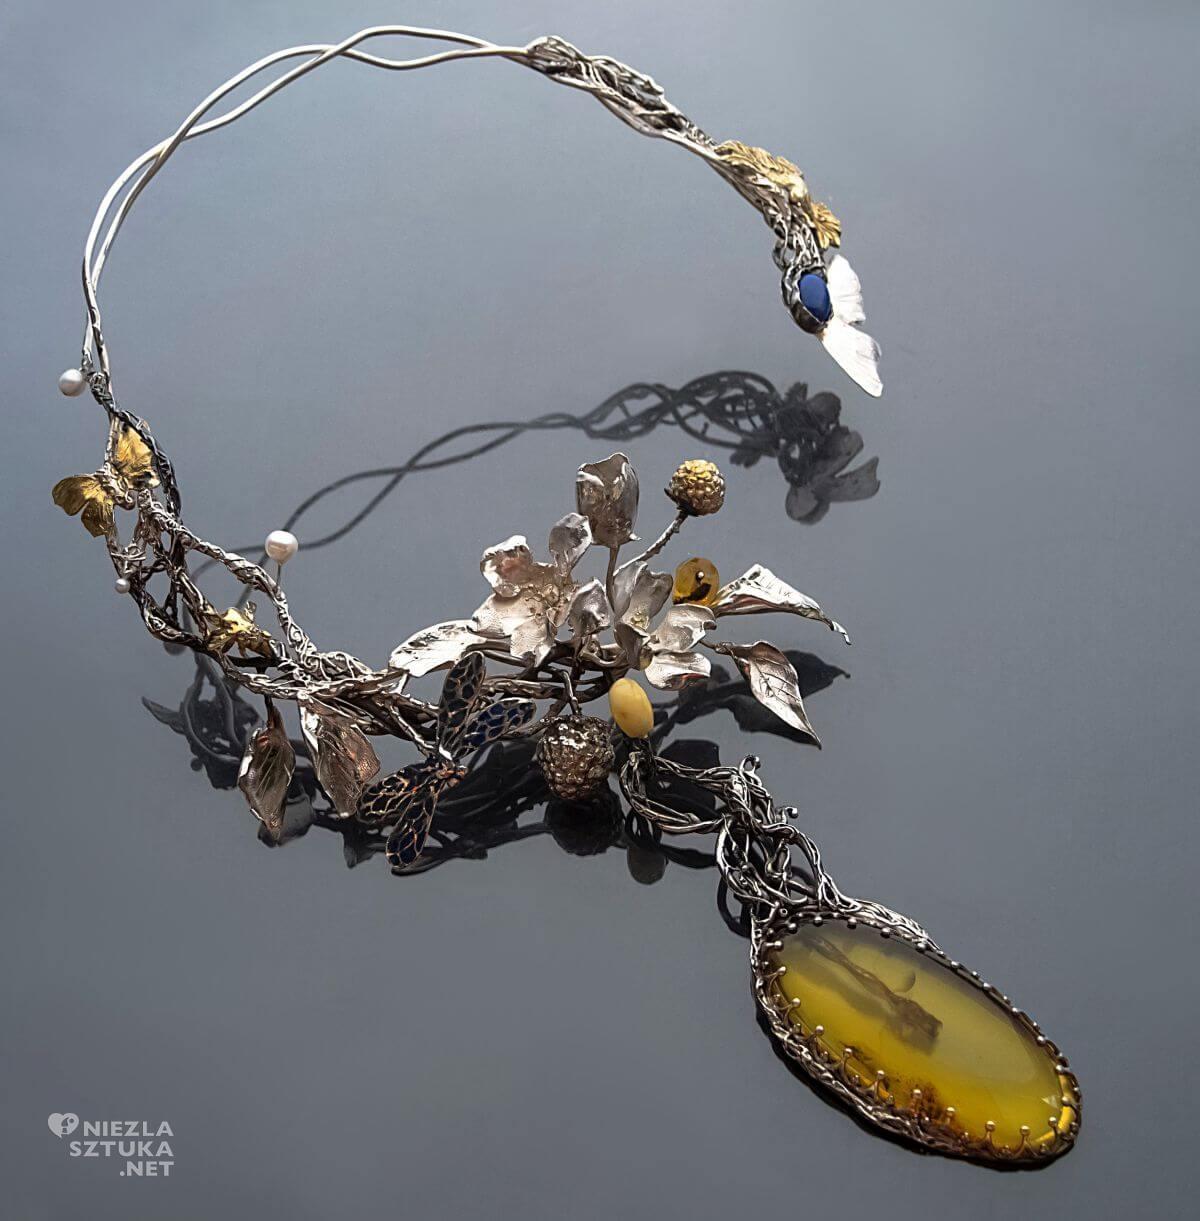 Rękami Stworzone – Art Jewellery by Iwona Tamborska, biżuteria artystyczna, aukcja na rzecz fundacji, kalendarz 2021, Niezła sztuka